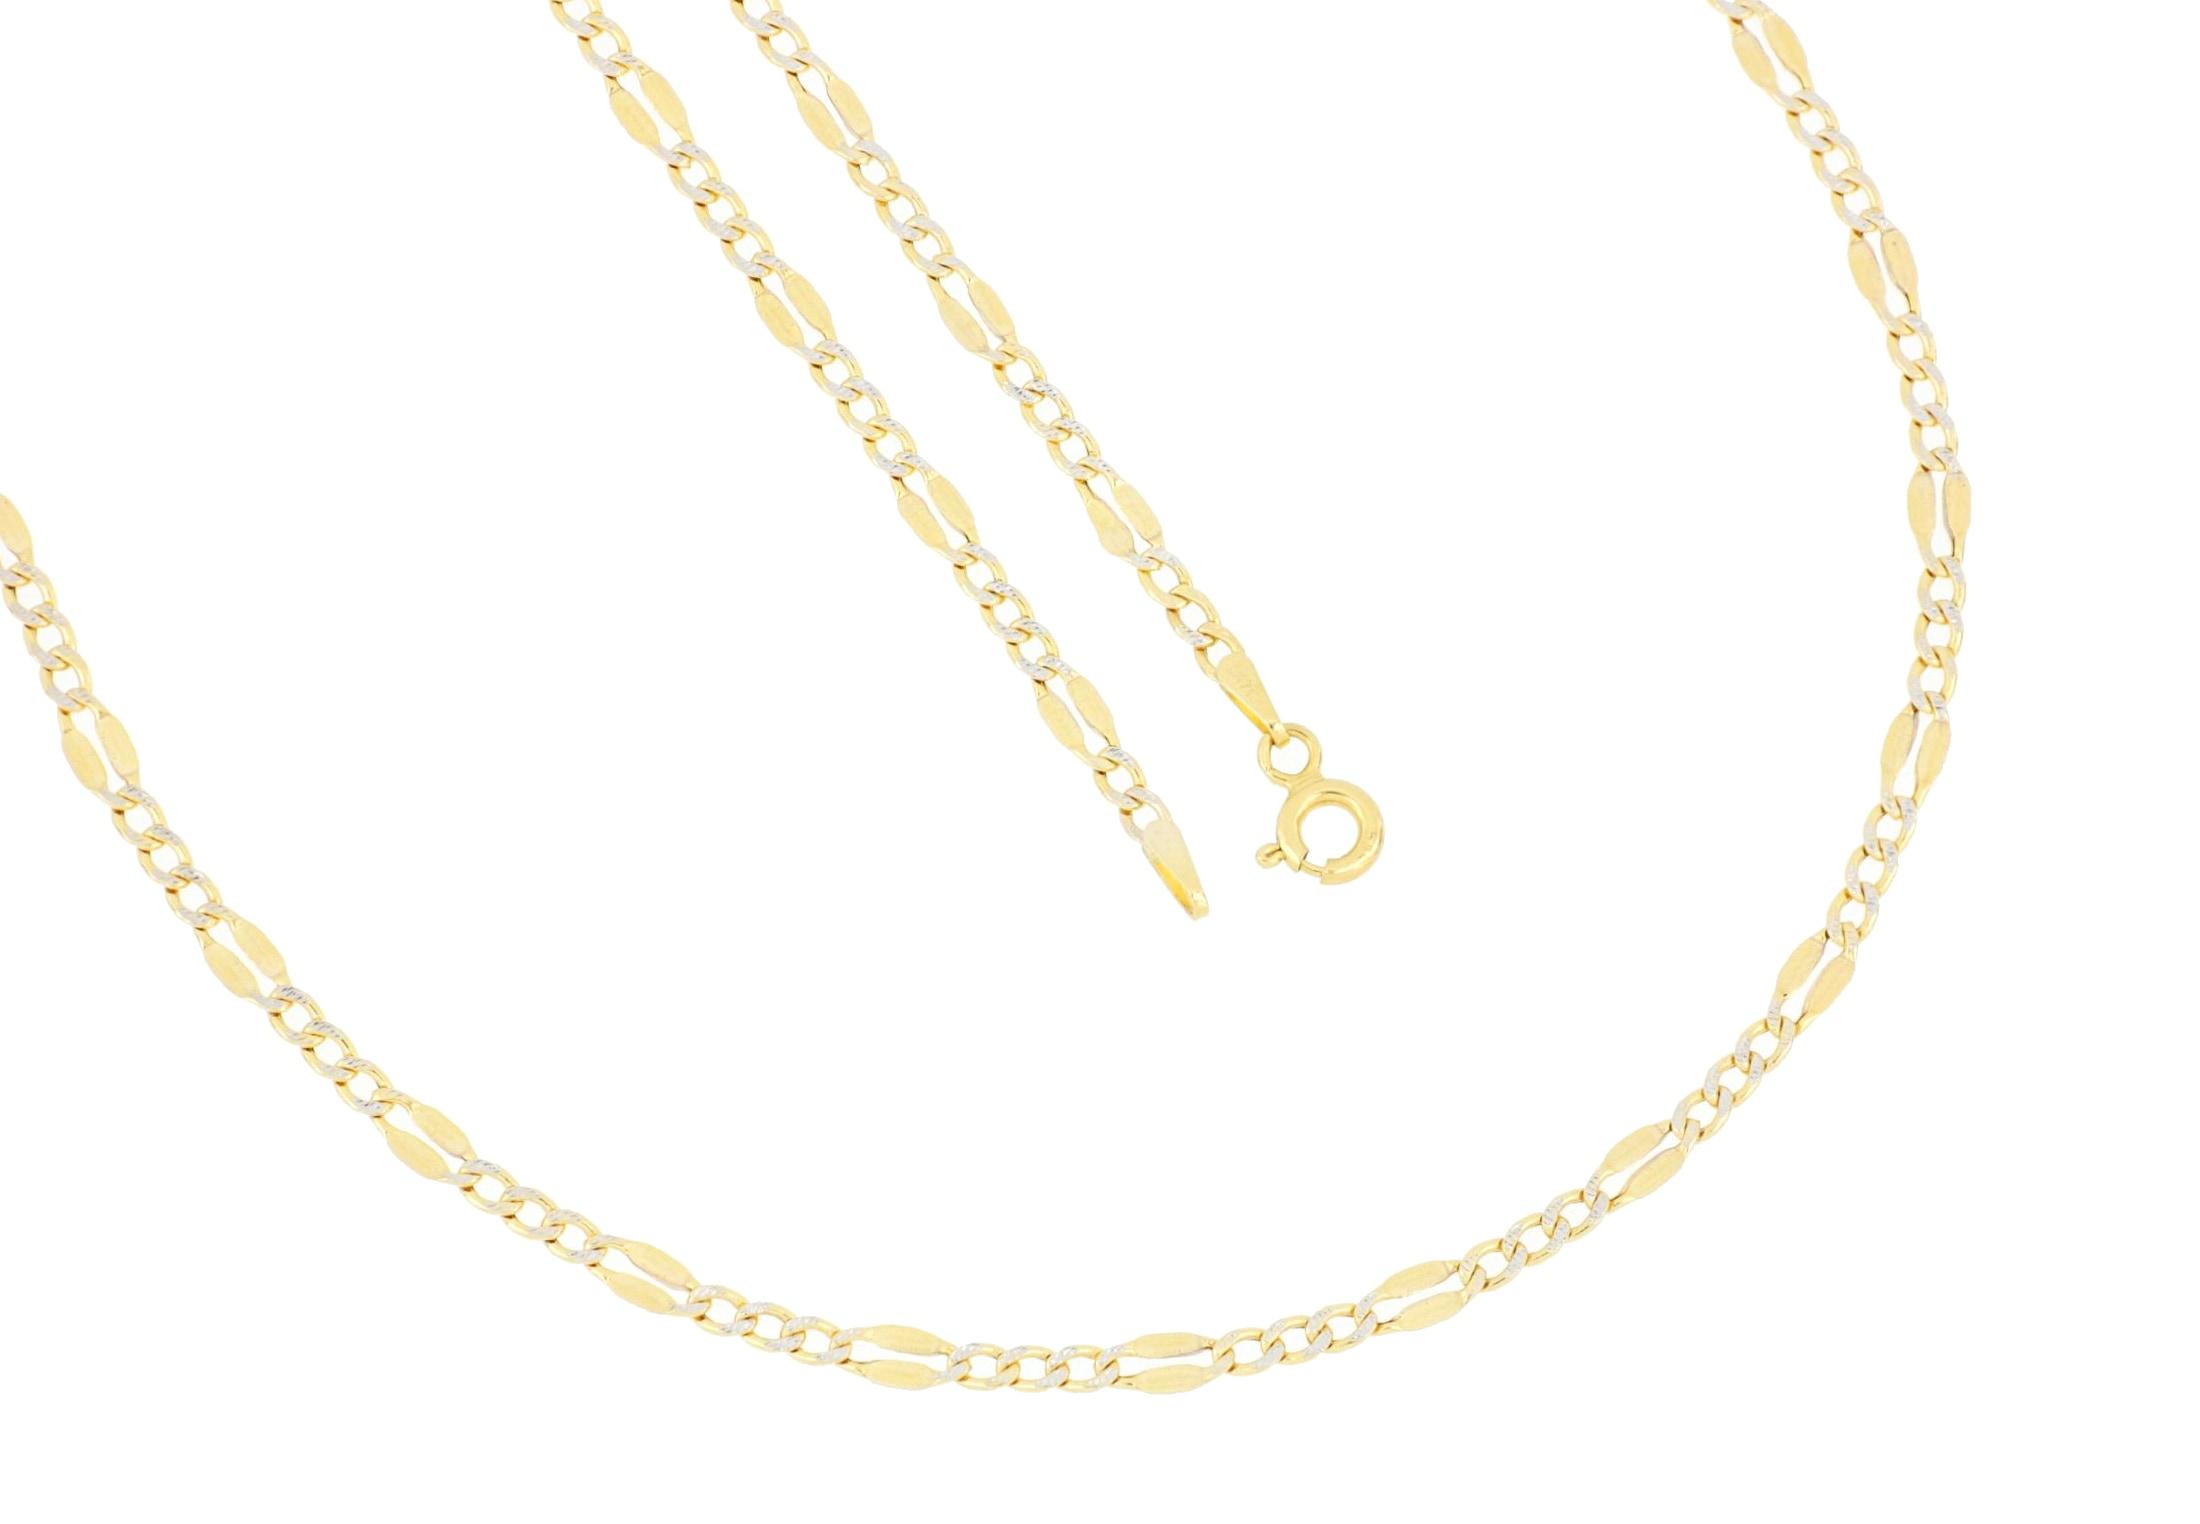 la piora -  Collierkettchen Figarokette, mit Diamantschnitten in weiss, 585/- Gelbgold